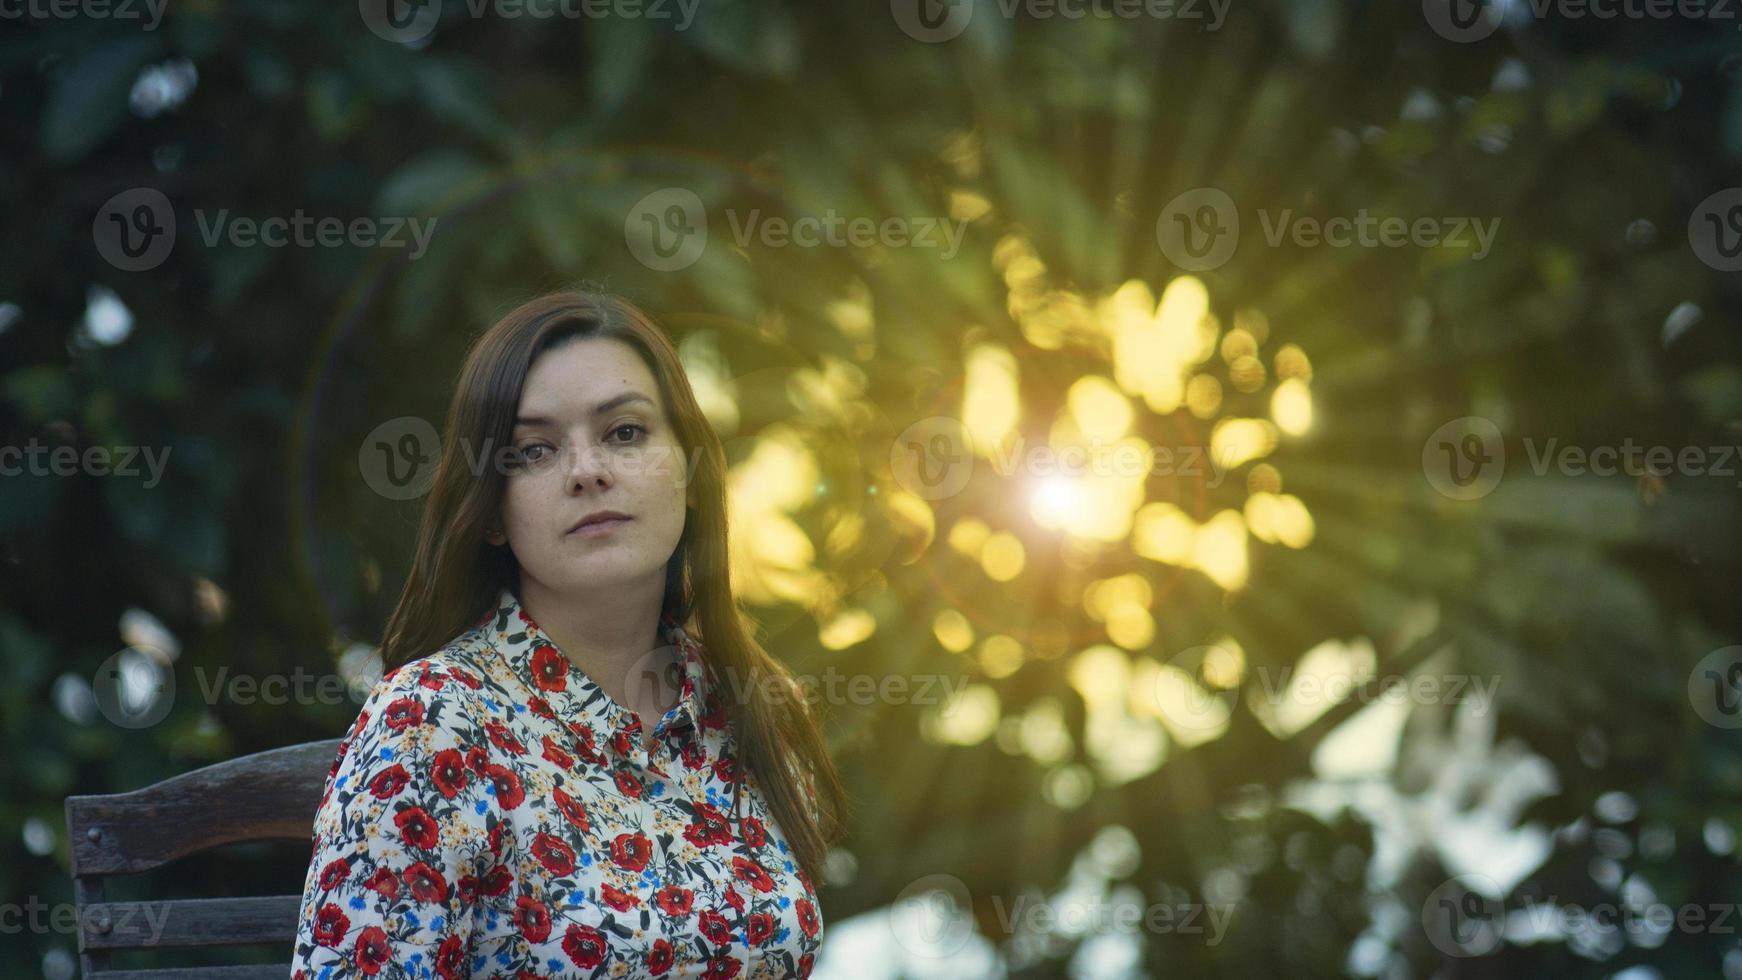 giovane donna in abito floreale foto